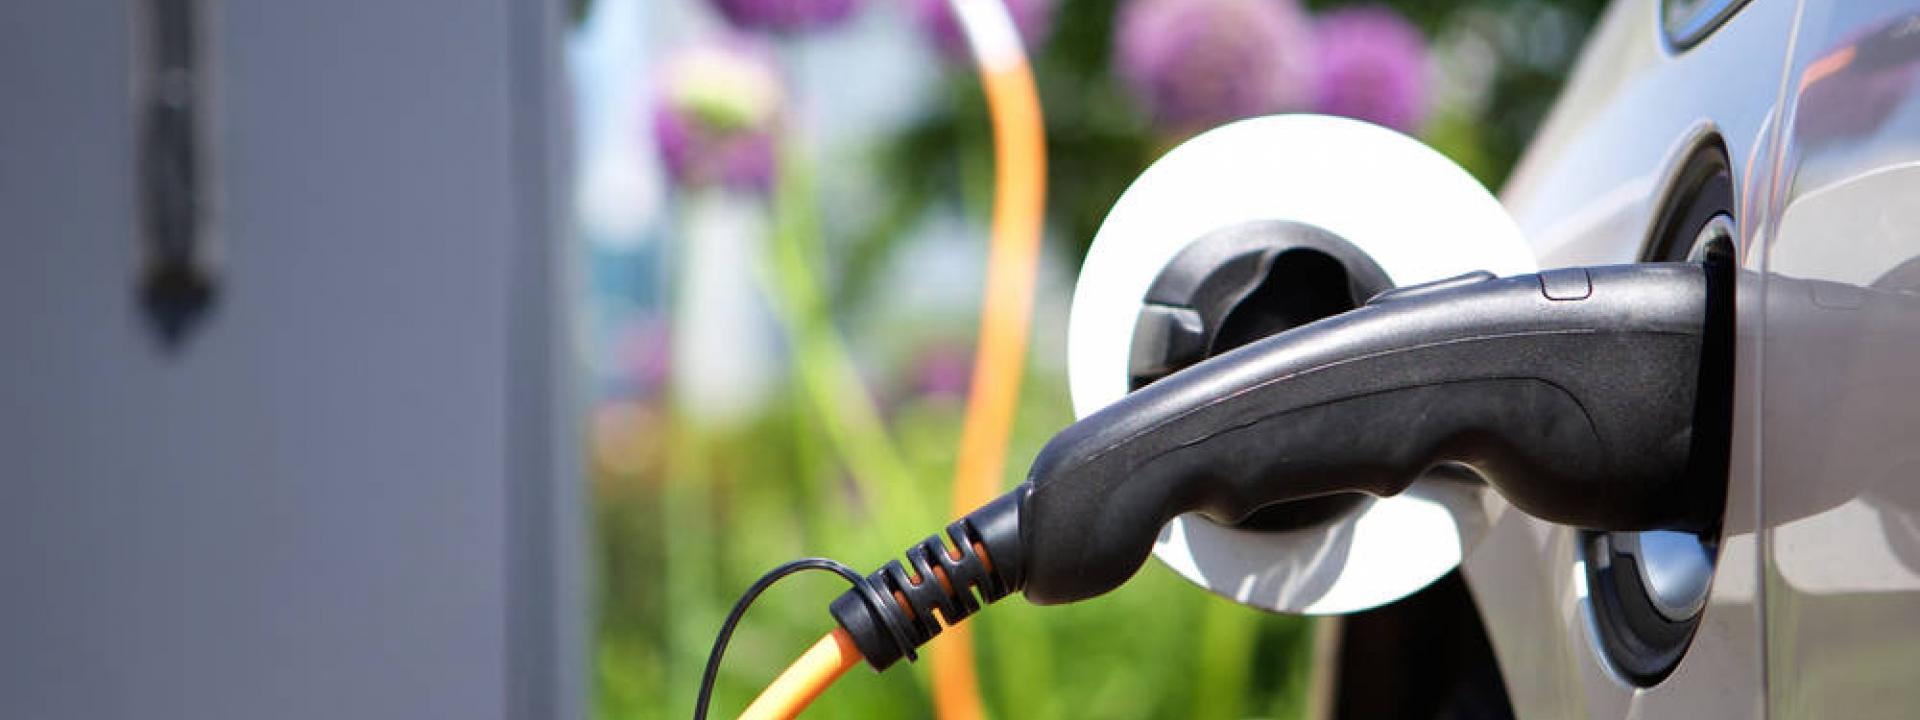 Installateur mise en service borne charge VE